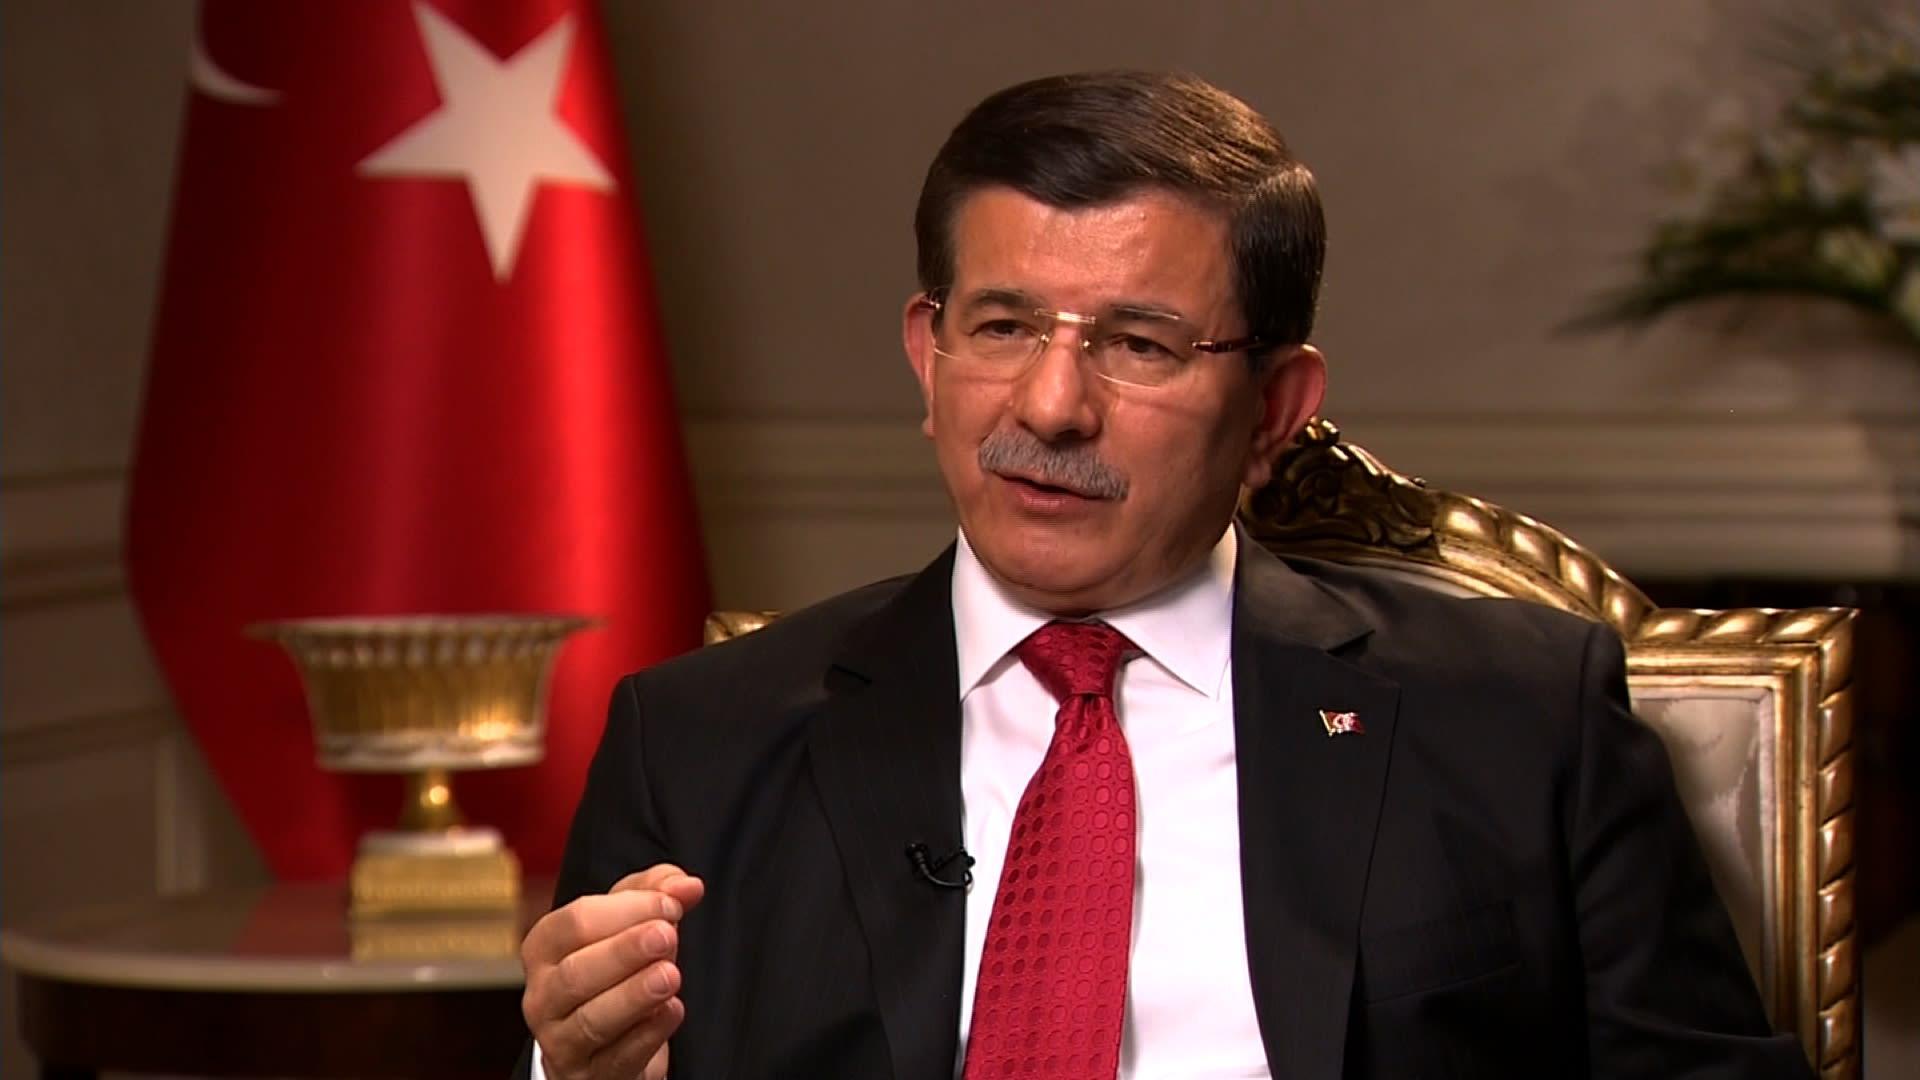 داود أوغلو لـCNN: القضية طريقة رحيل الأسد لا مدة بقائه.. تعديل الدستور ليس لتقوية أردوغان بل لتصحيح نظام وضعه انقلاب